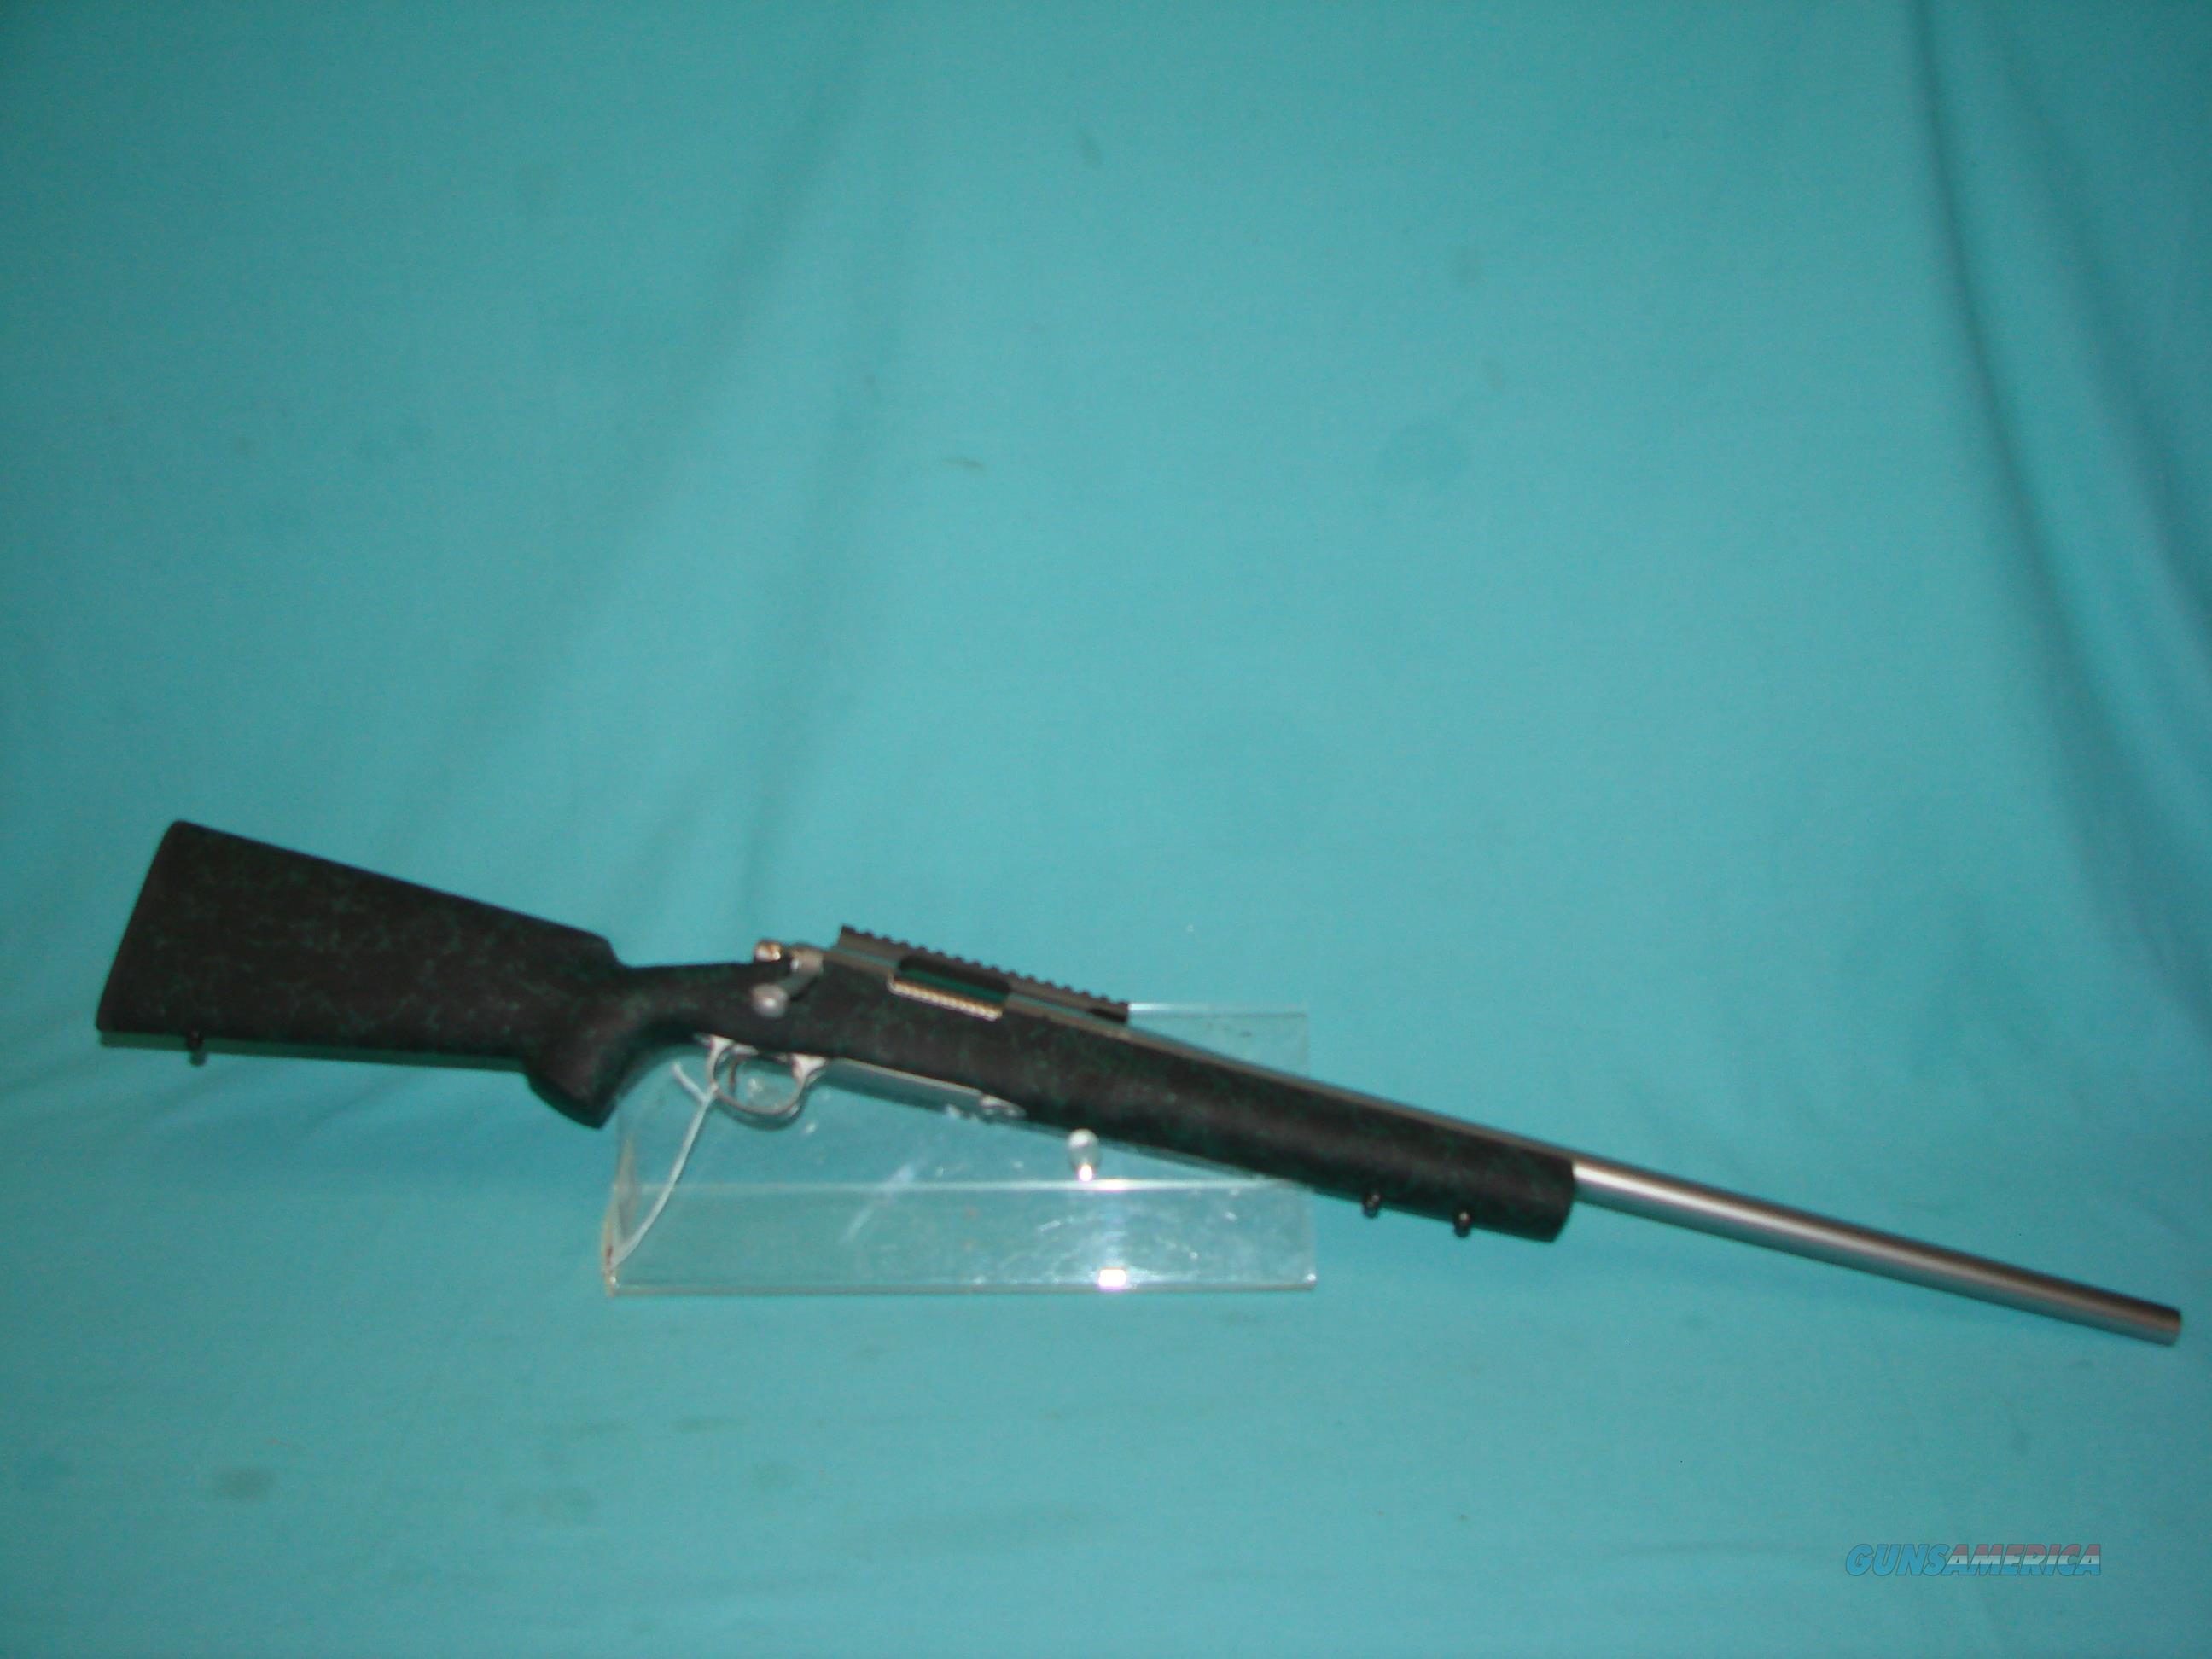 Remington 700 5R  Guns > Rifles > Remington Rifles - Modern > Model 700 > Sporting